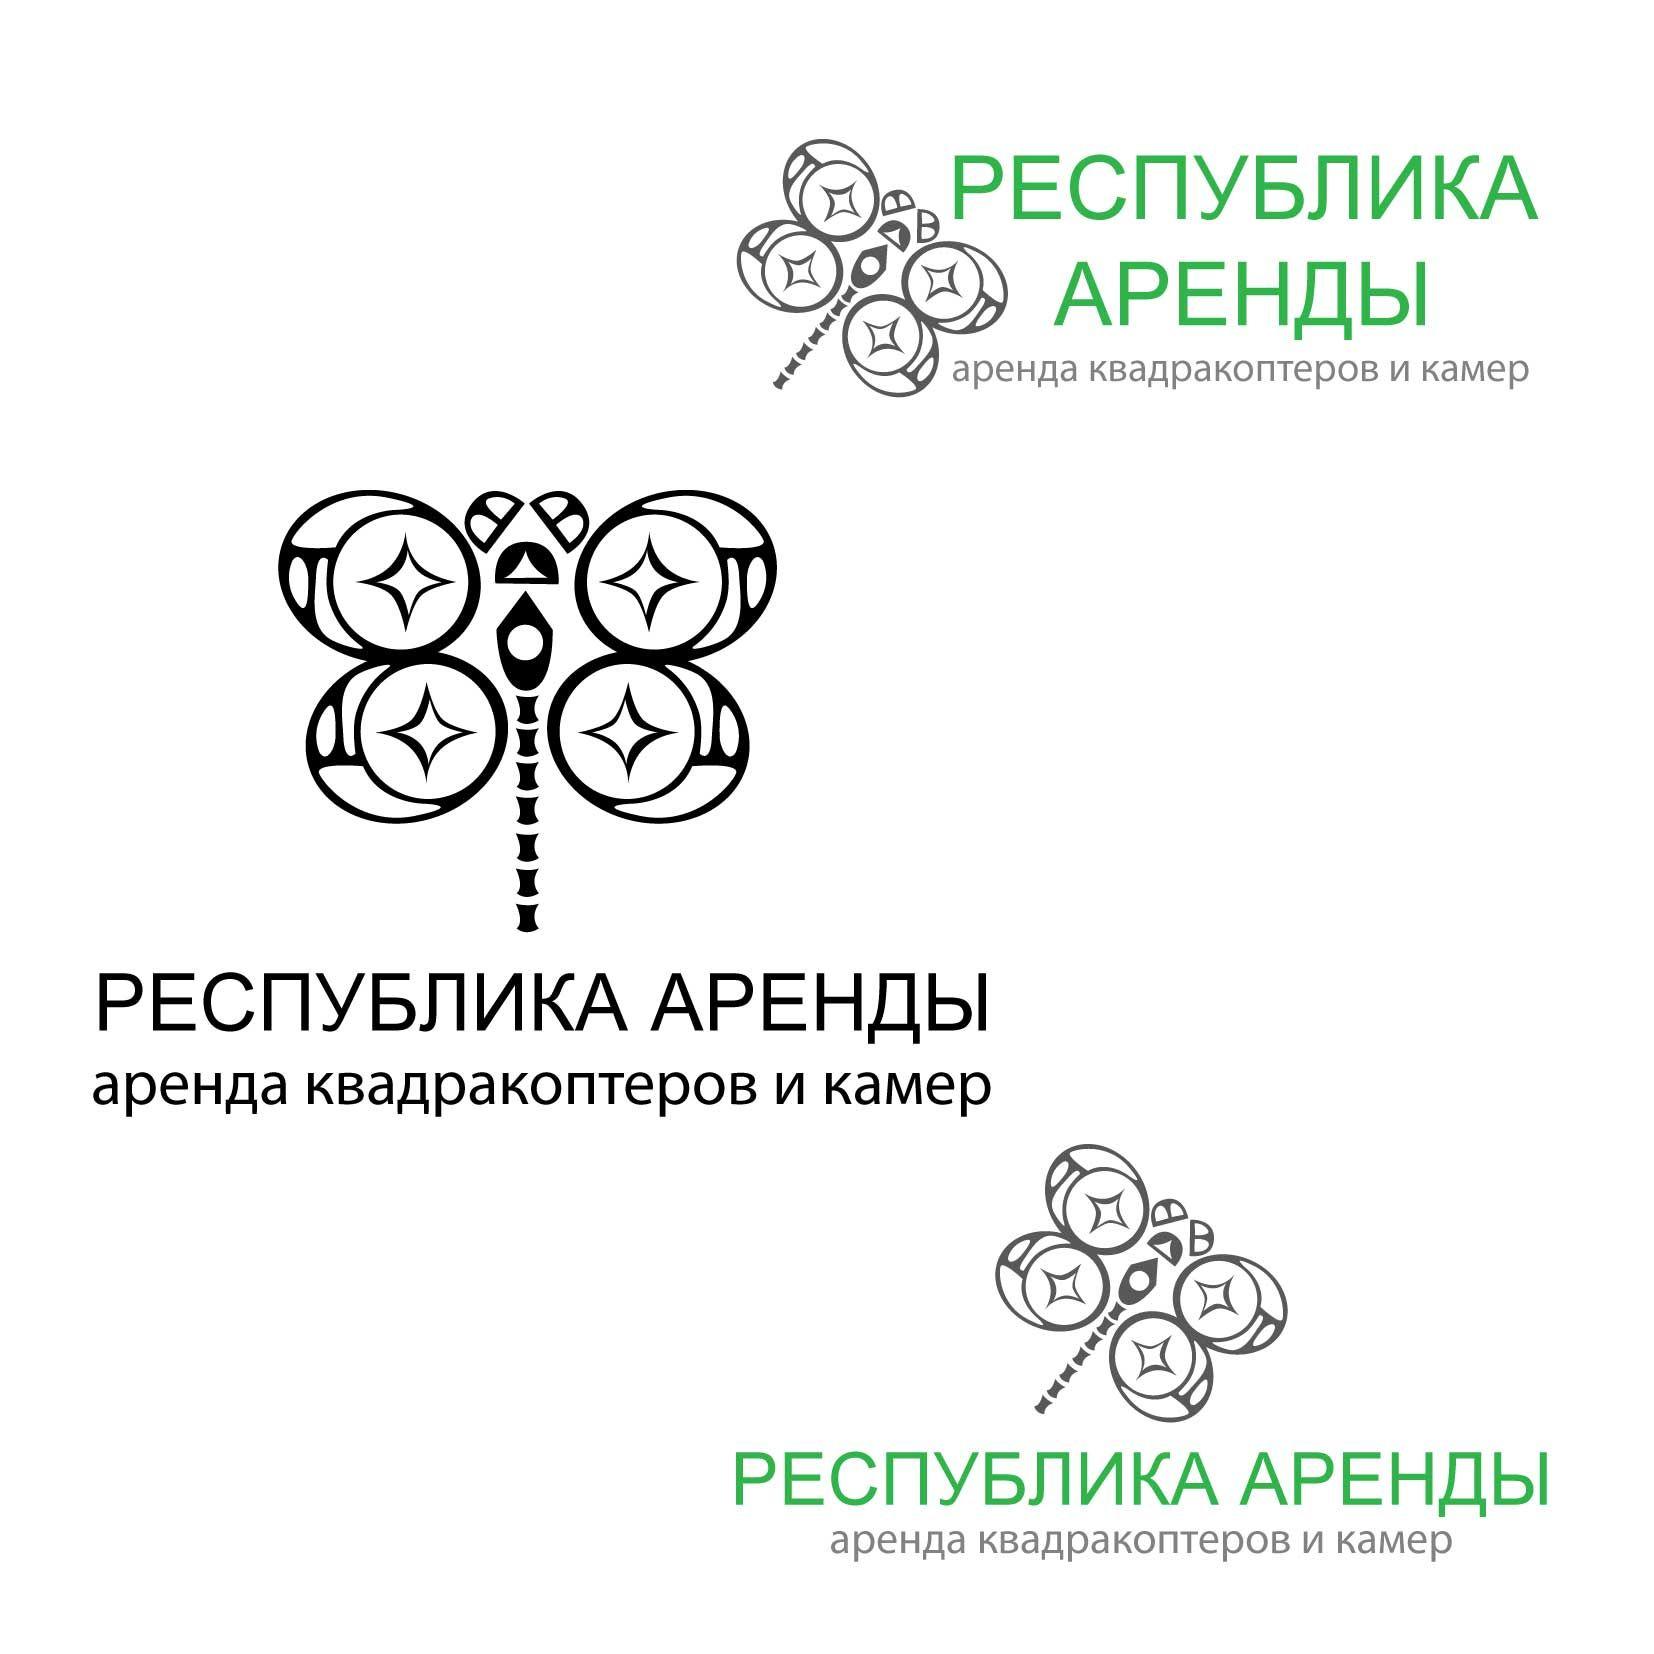 Логотип для компании по аренде квадракоптеров - дизайнер InnaM